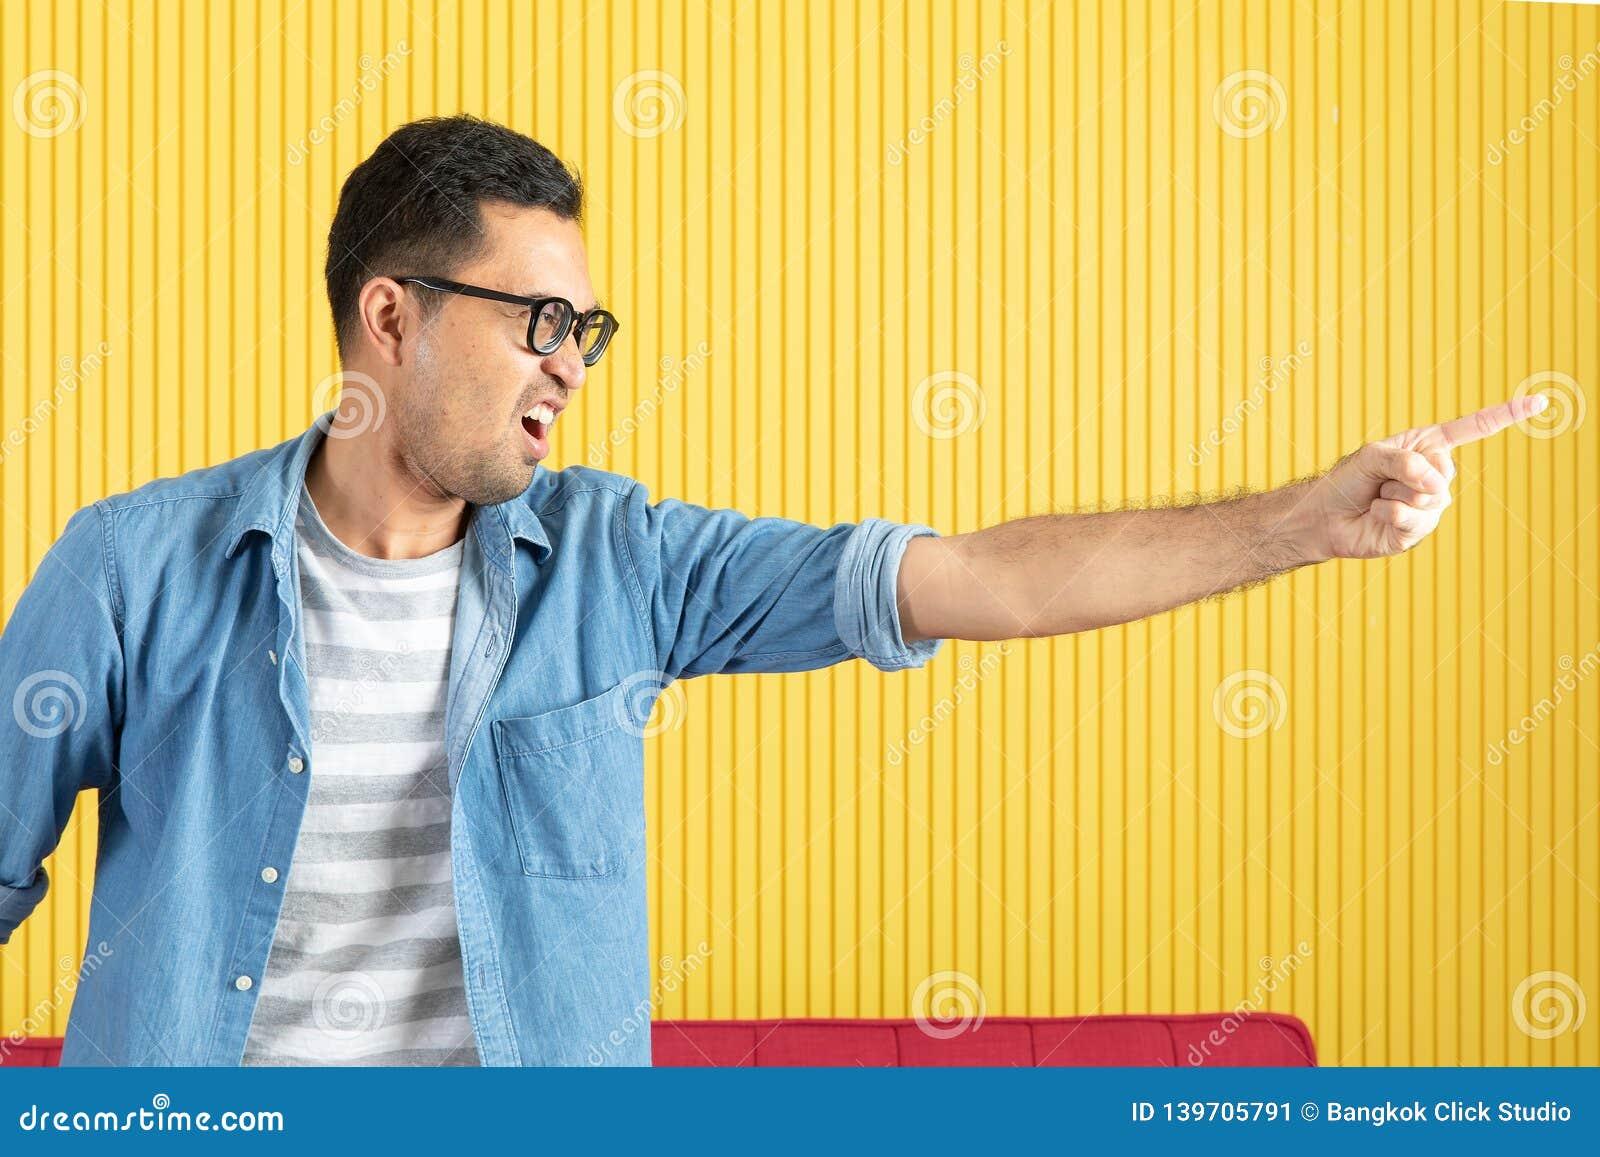 Widok, zakończenie w górę młodego Azjatyckiego przystojnego brodatego mężczyzny, będący ubranym eyeglasses, w drelichowej koszula